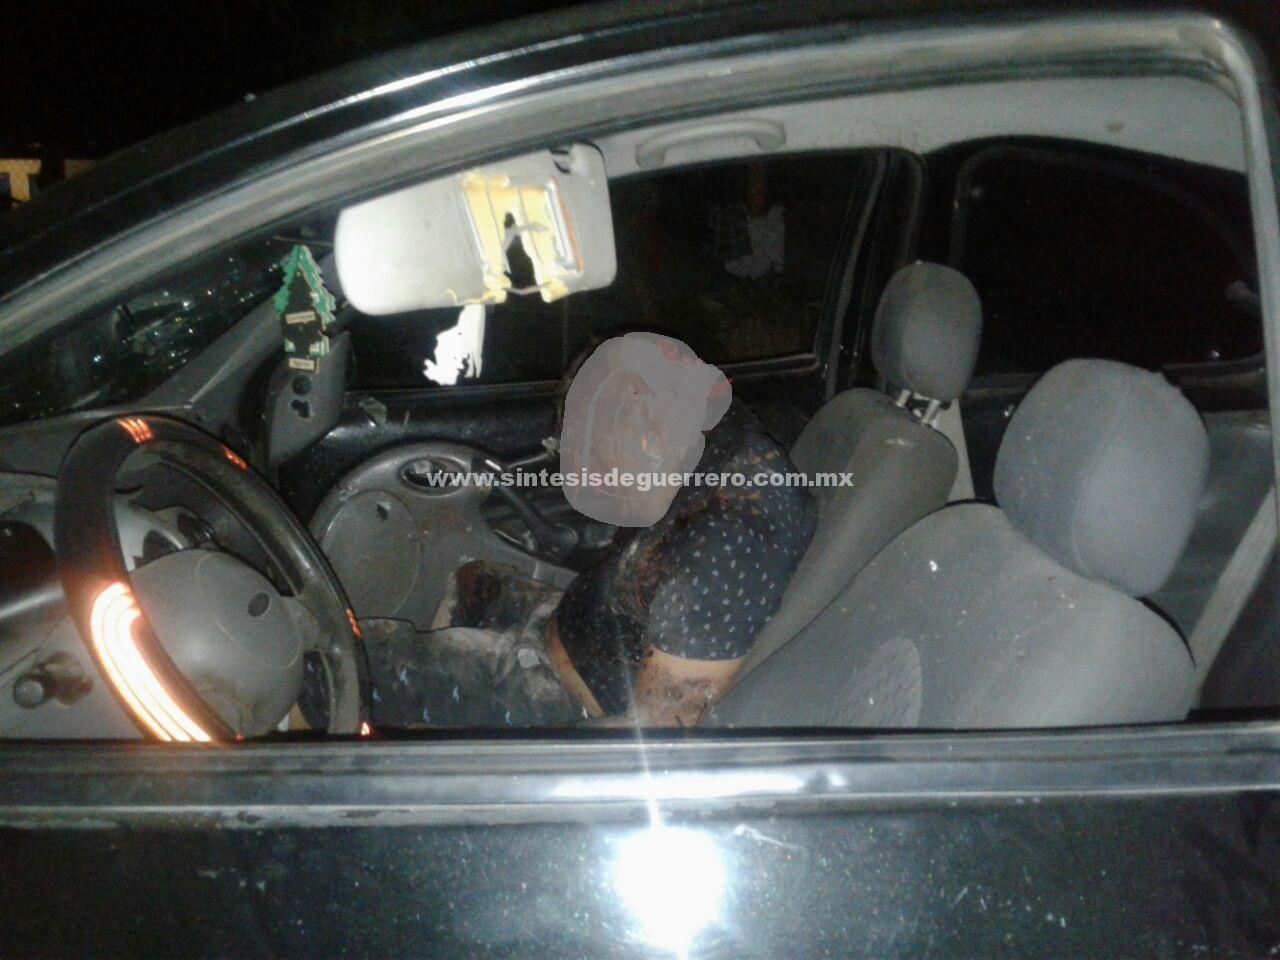 Lo ejecutan a bordo de su vehículo, en Petacalco, La Unión